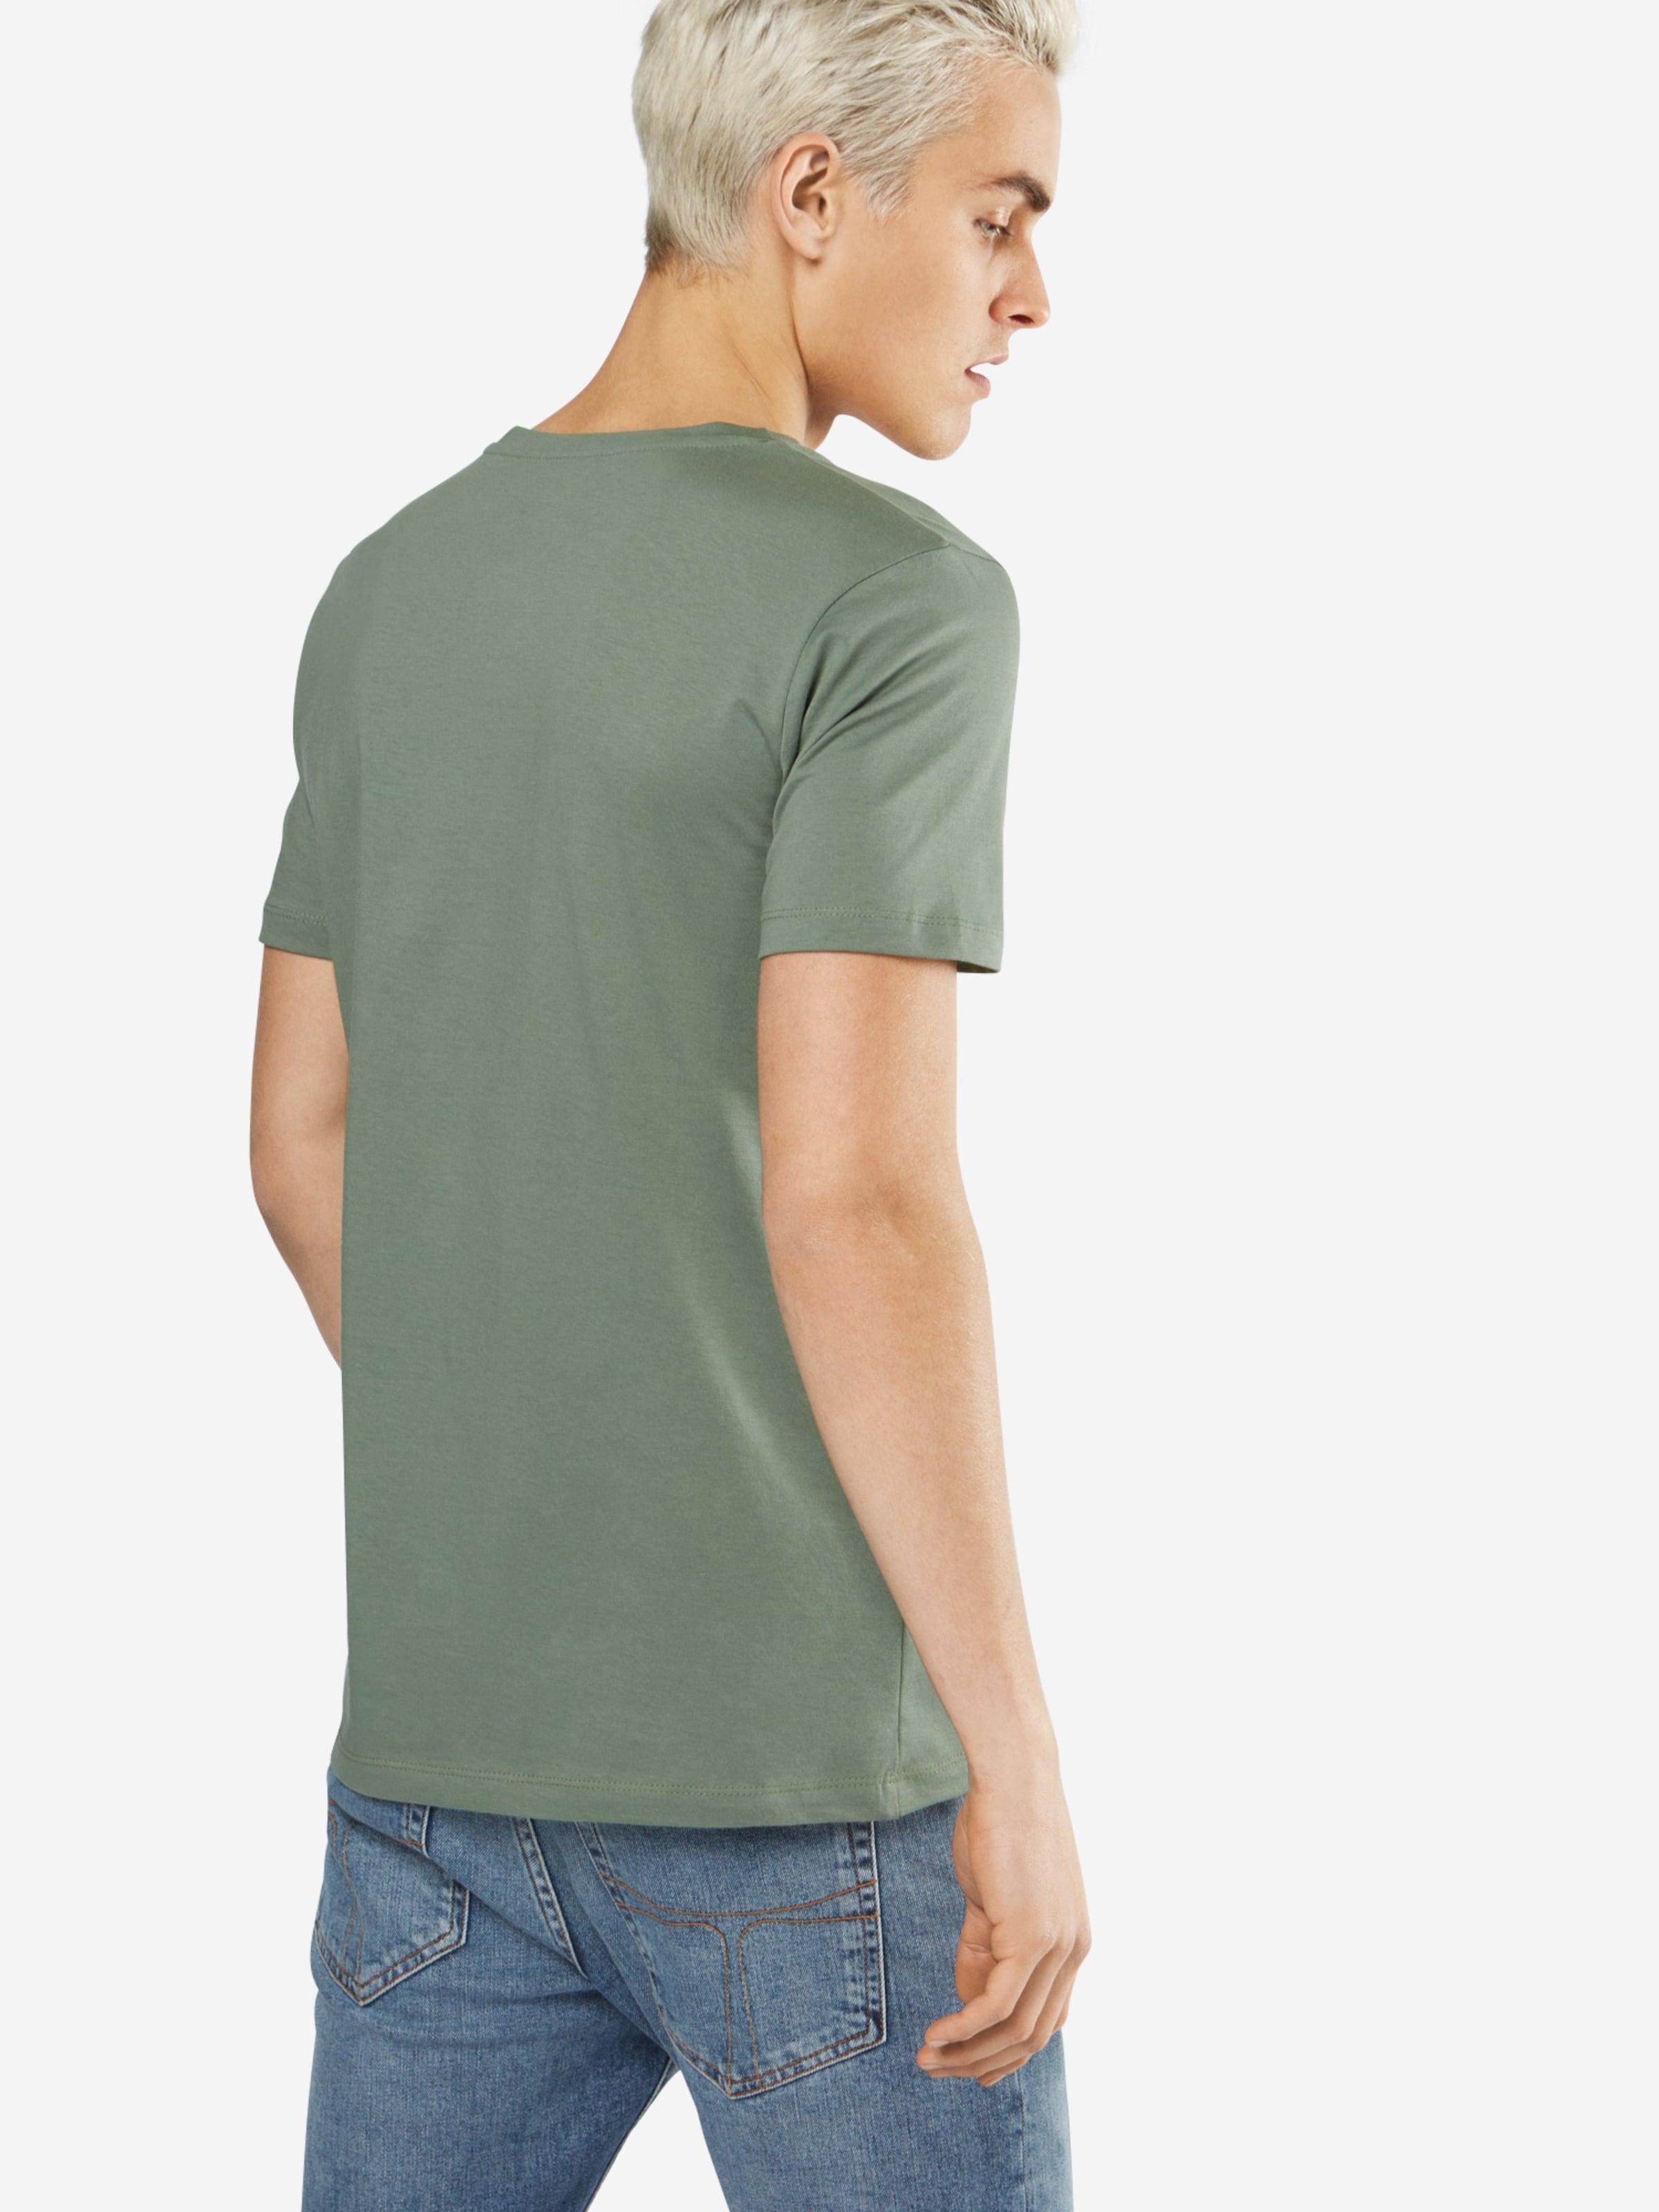 Schnelle Lieferung TOM TAILOR DENIM T-Shirt 'NOS crewneck tee with print' Wiki Countdown-Paket Günstig Online 48aidUgR